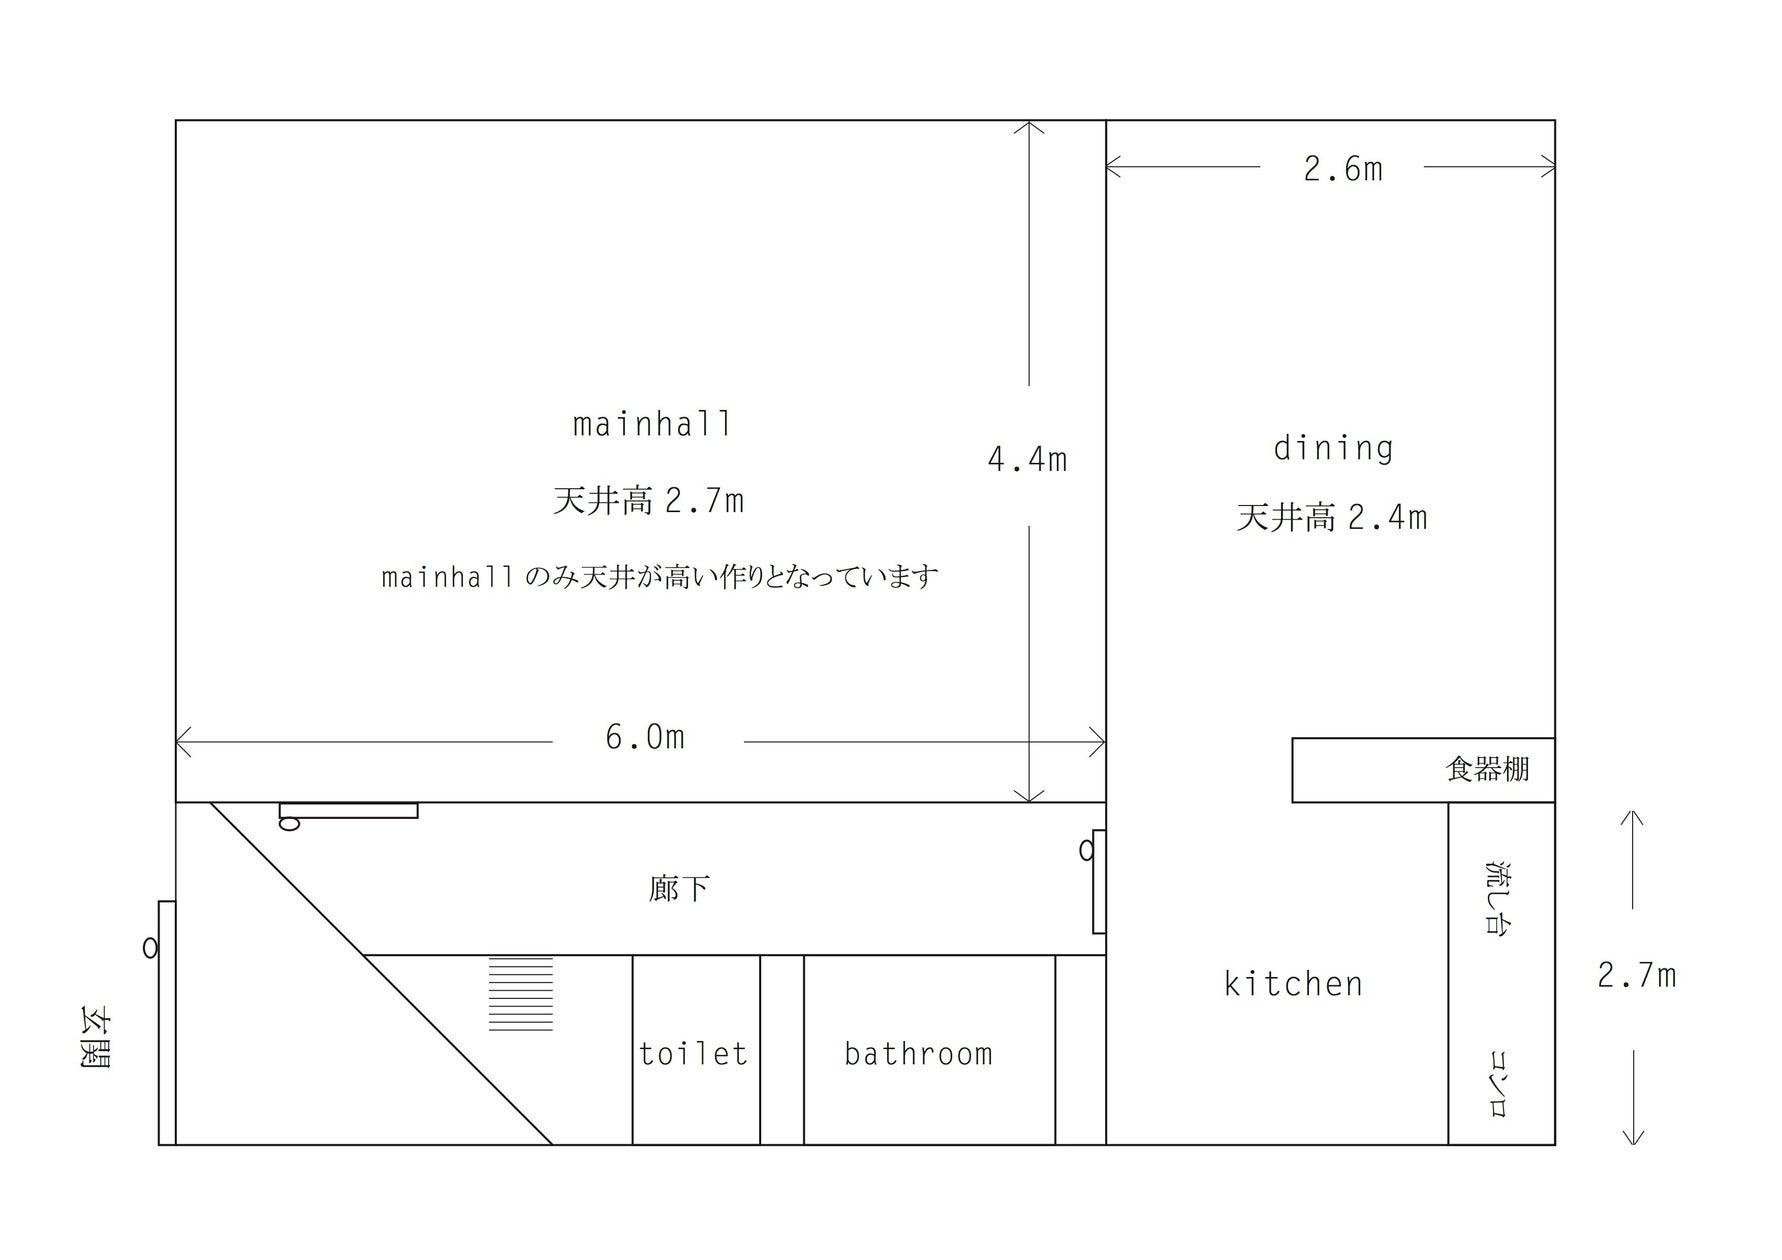 【HOUSE124 】春のキャンペーン!撮影、パーティー(キッチンあり)、イベントに。西横浜駅徒歩7分。駐車場あり。珪藻土塗壁 の写真